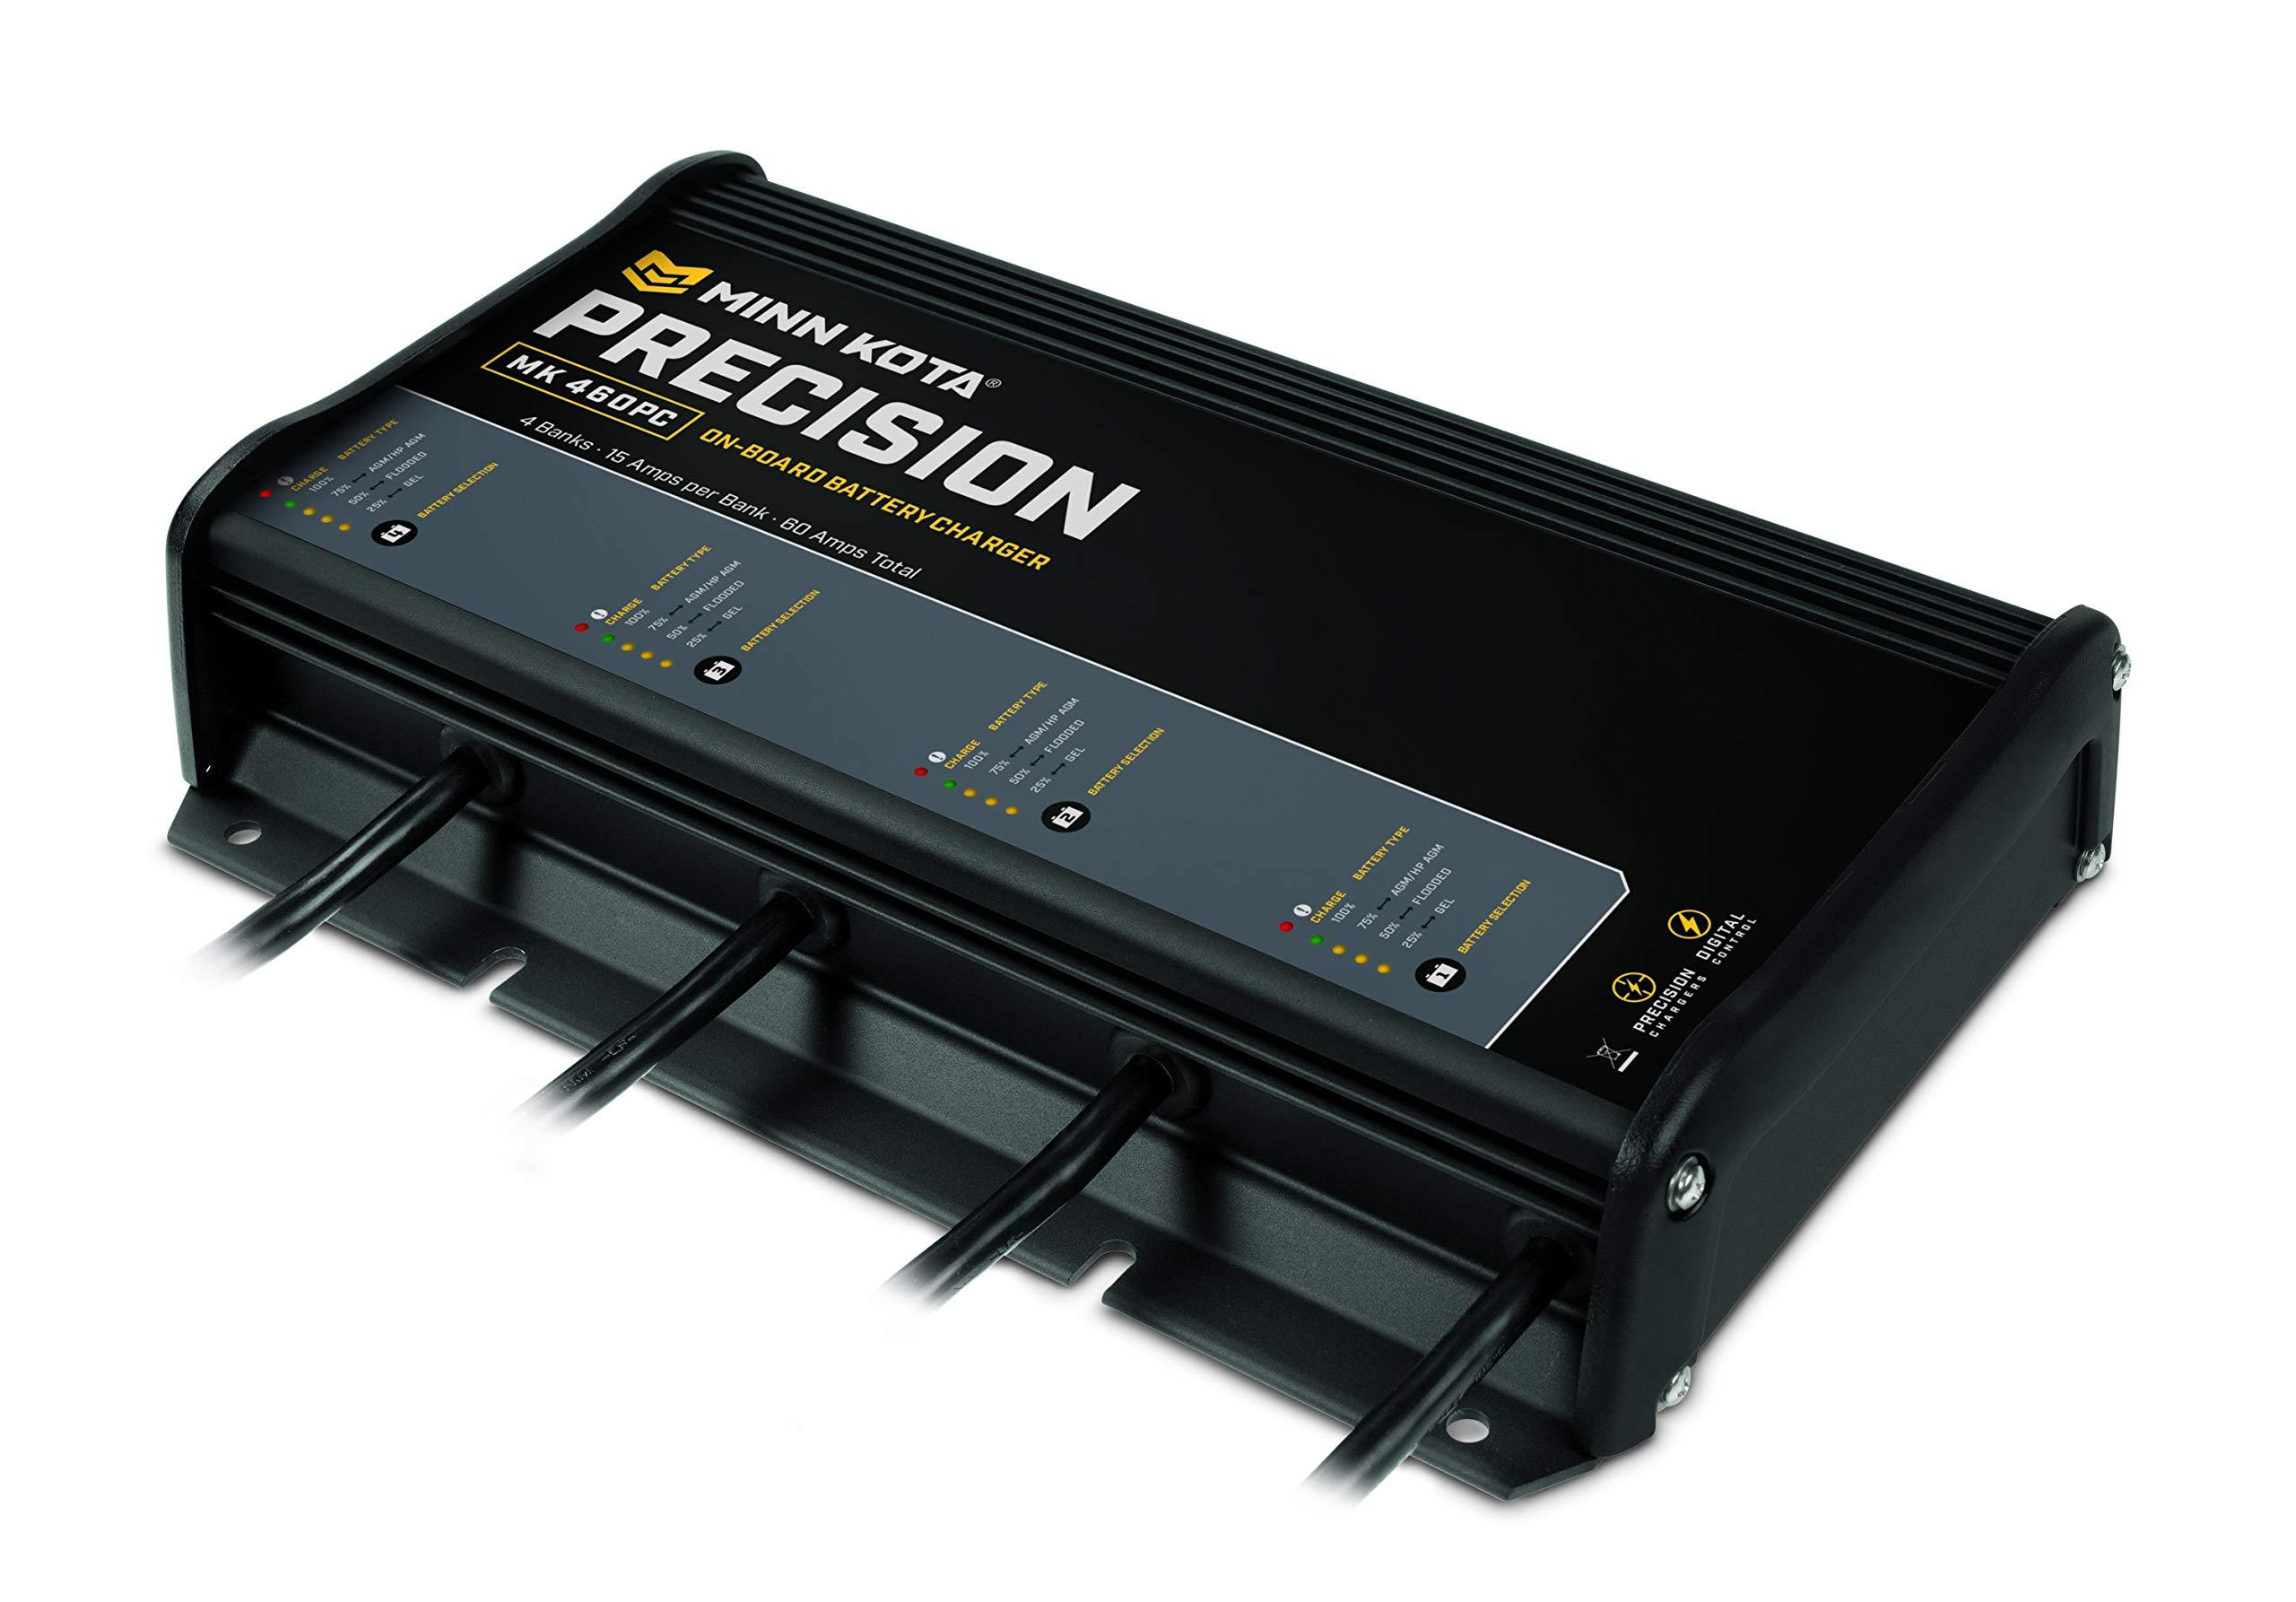 Minn Kota 1834600 Precision On-Board Charger, MK 460pc (4 Bank x 15 Amps) by Minn Kota